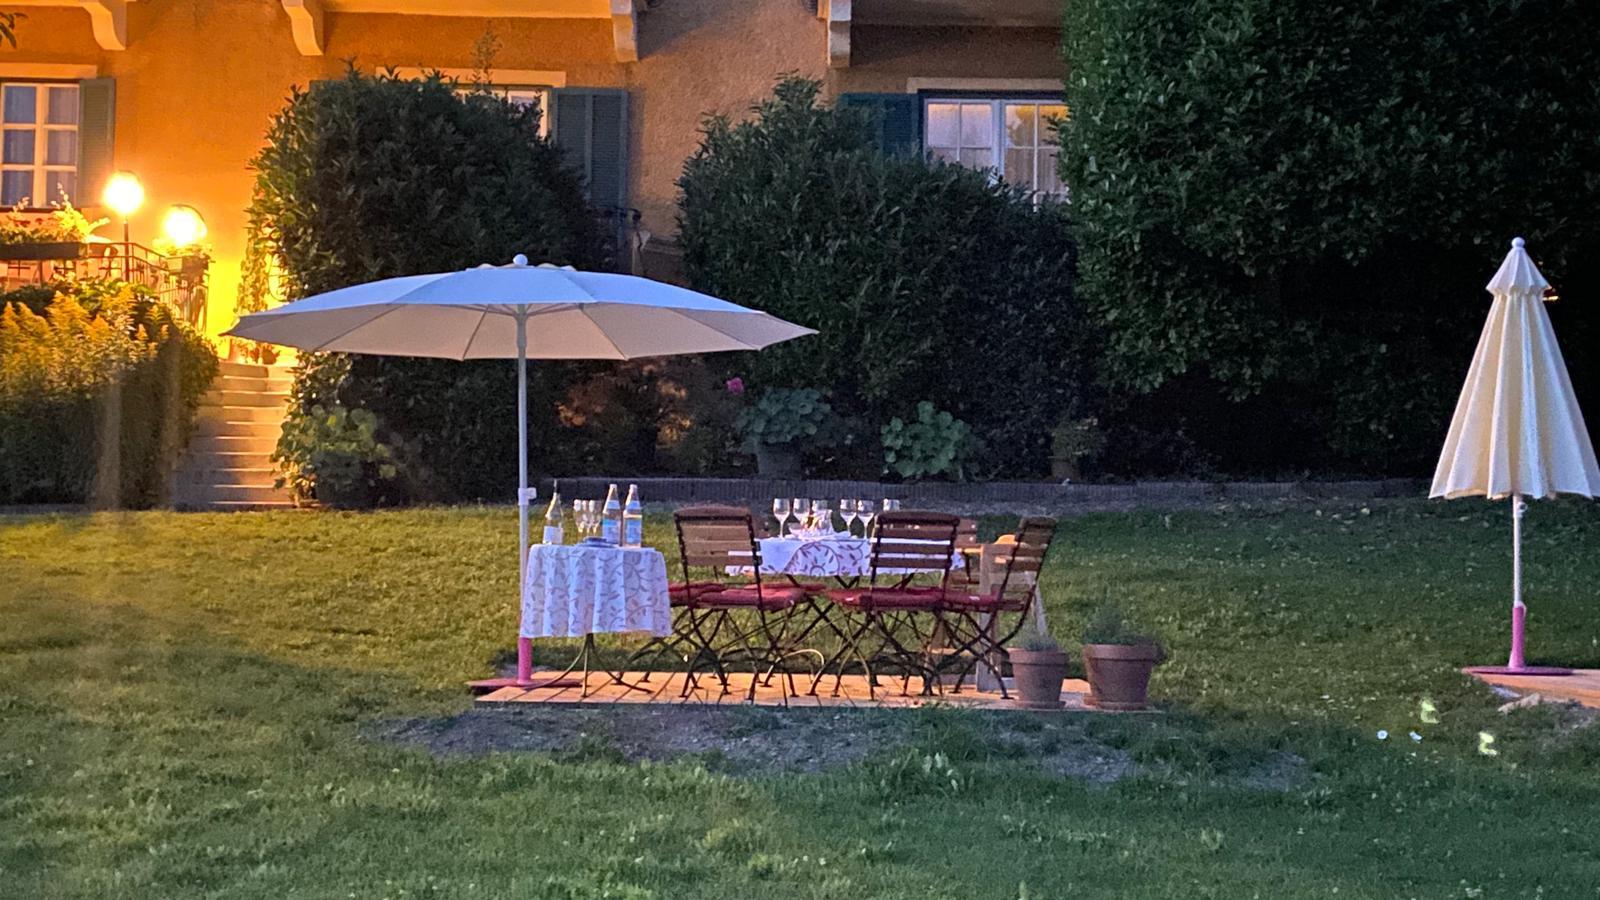 Gartenterrasse Essen in Abendstimmung